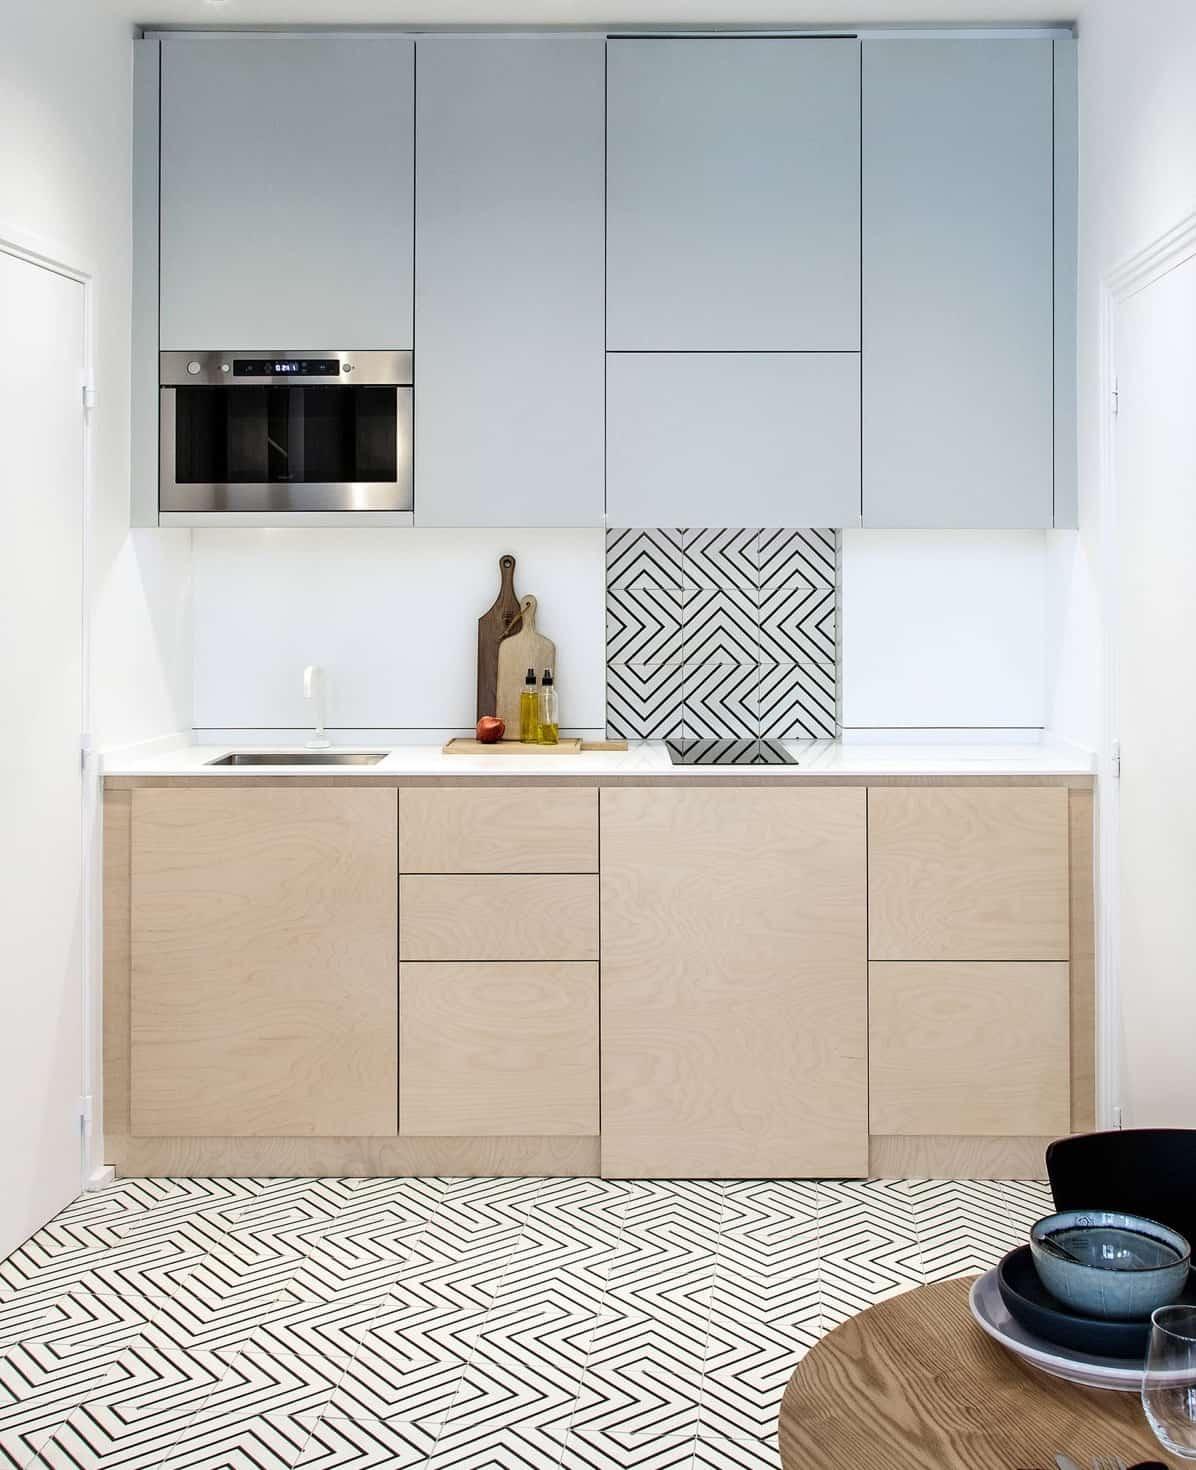 как расставить мебель в маленькой кухне